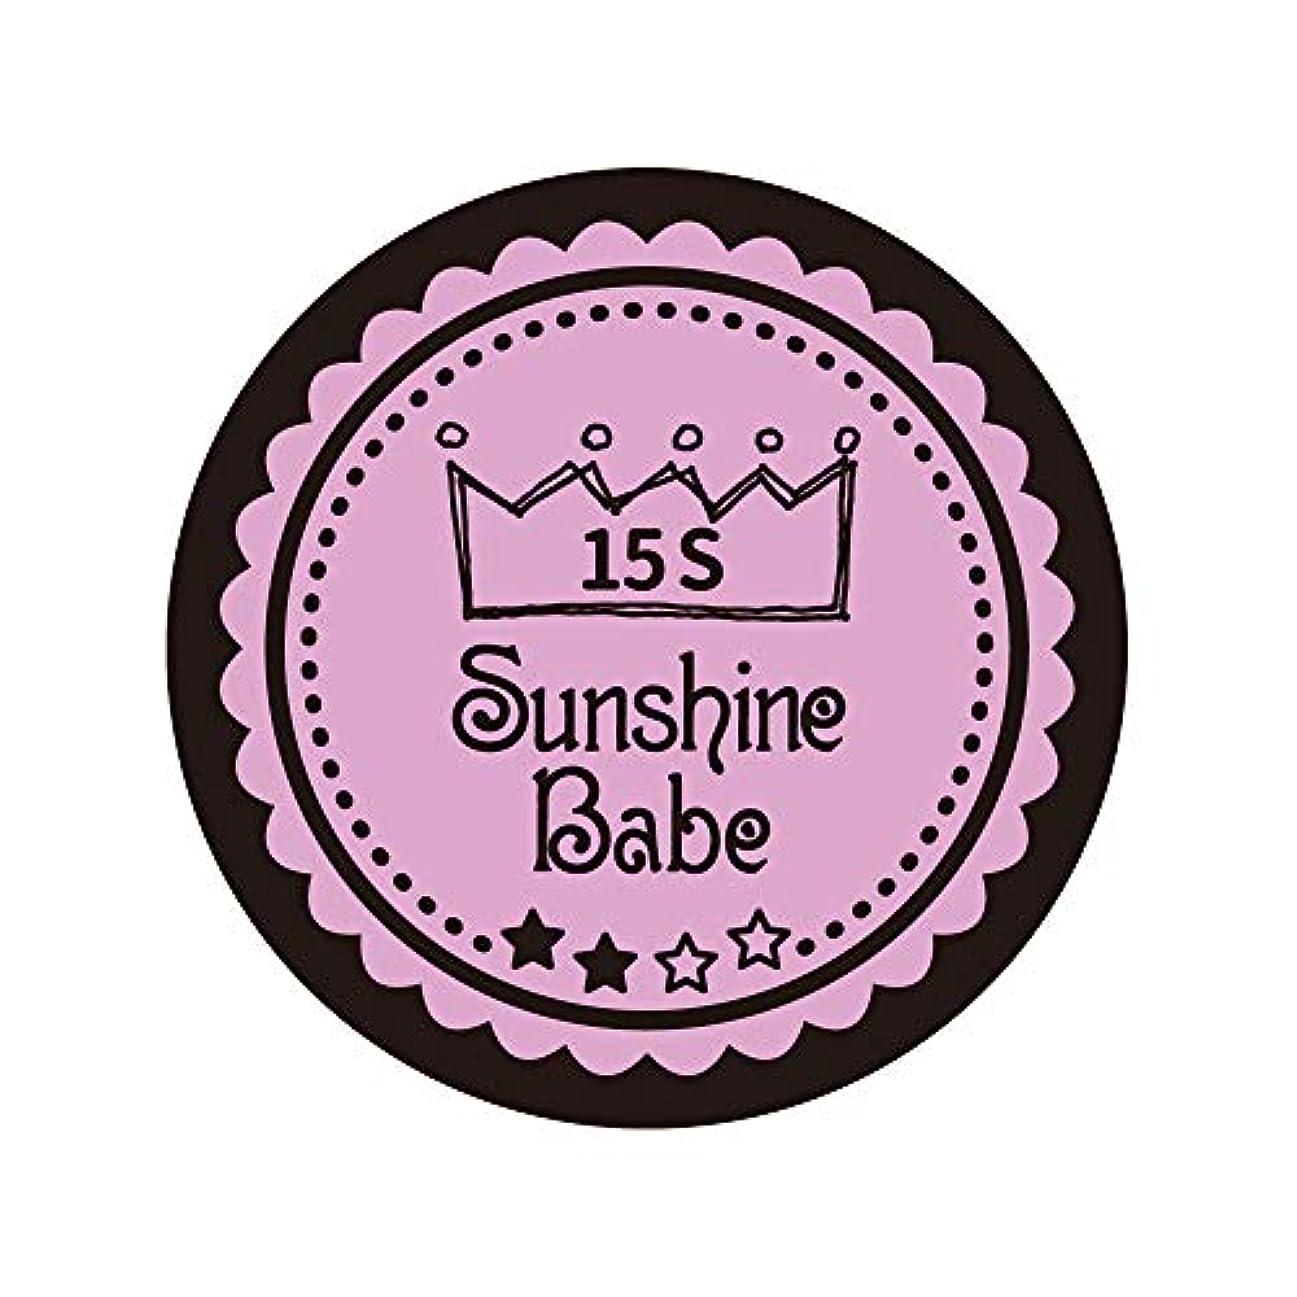 ベイビーずらす受けるSunshine Babe カラージェル 15S ピンクラベンダー 2.7g UV/LED対応